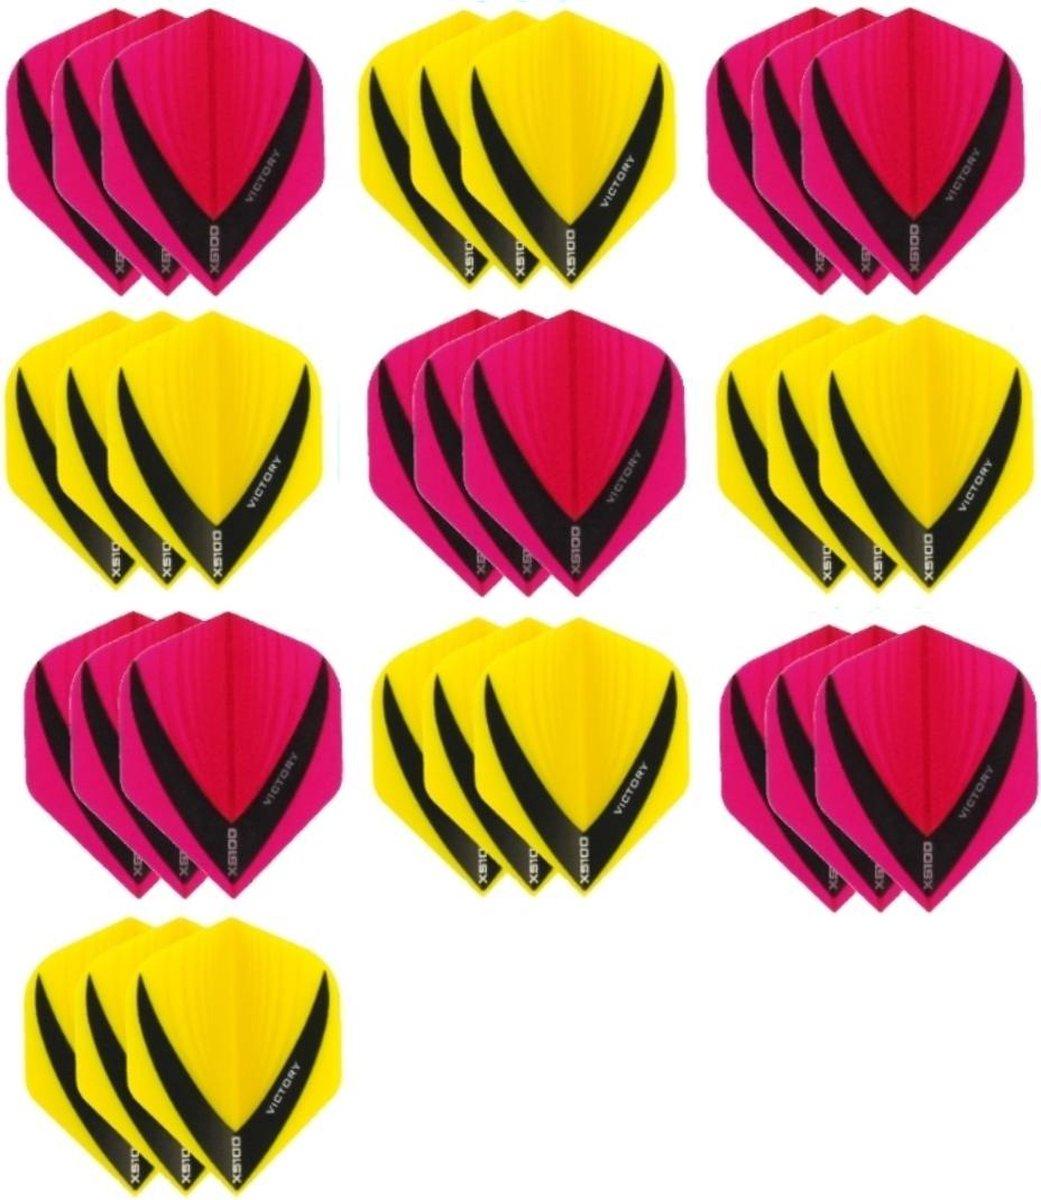 10 sets (30 stuks) - XS100 Vista flights - duo kleur pakket - Geel en Roze - flights - dartflights